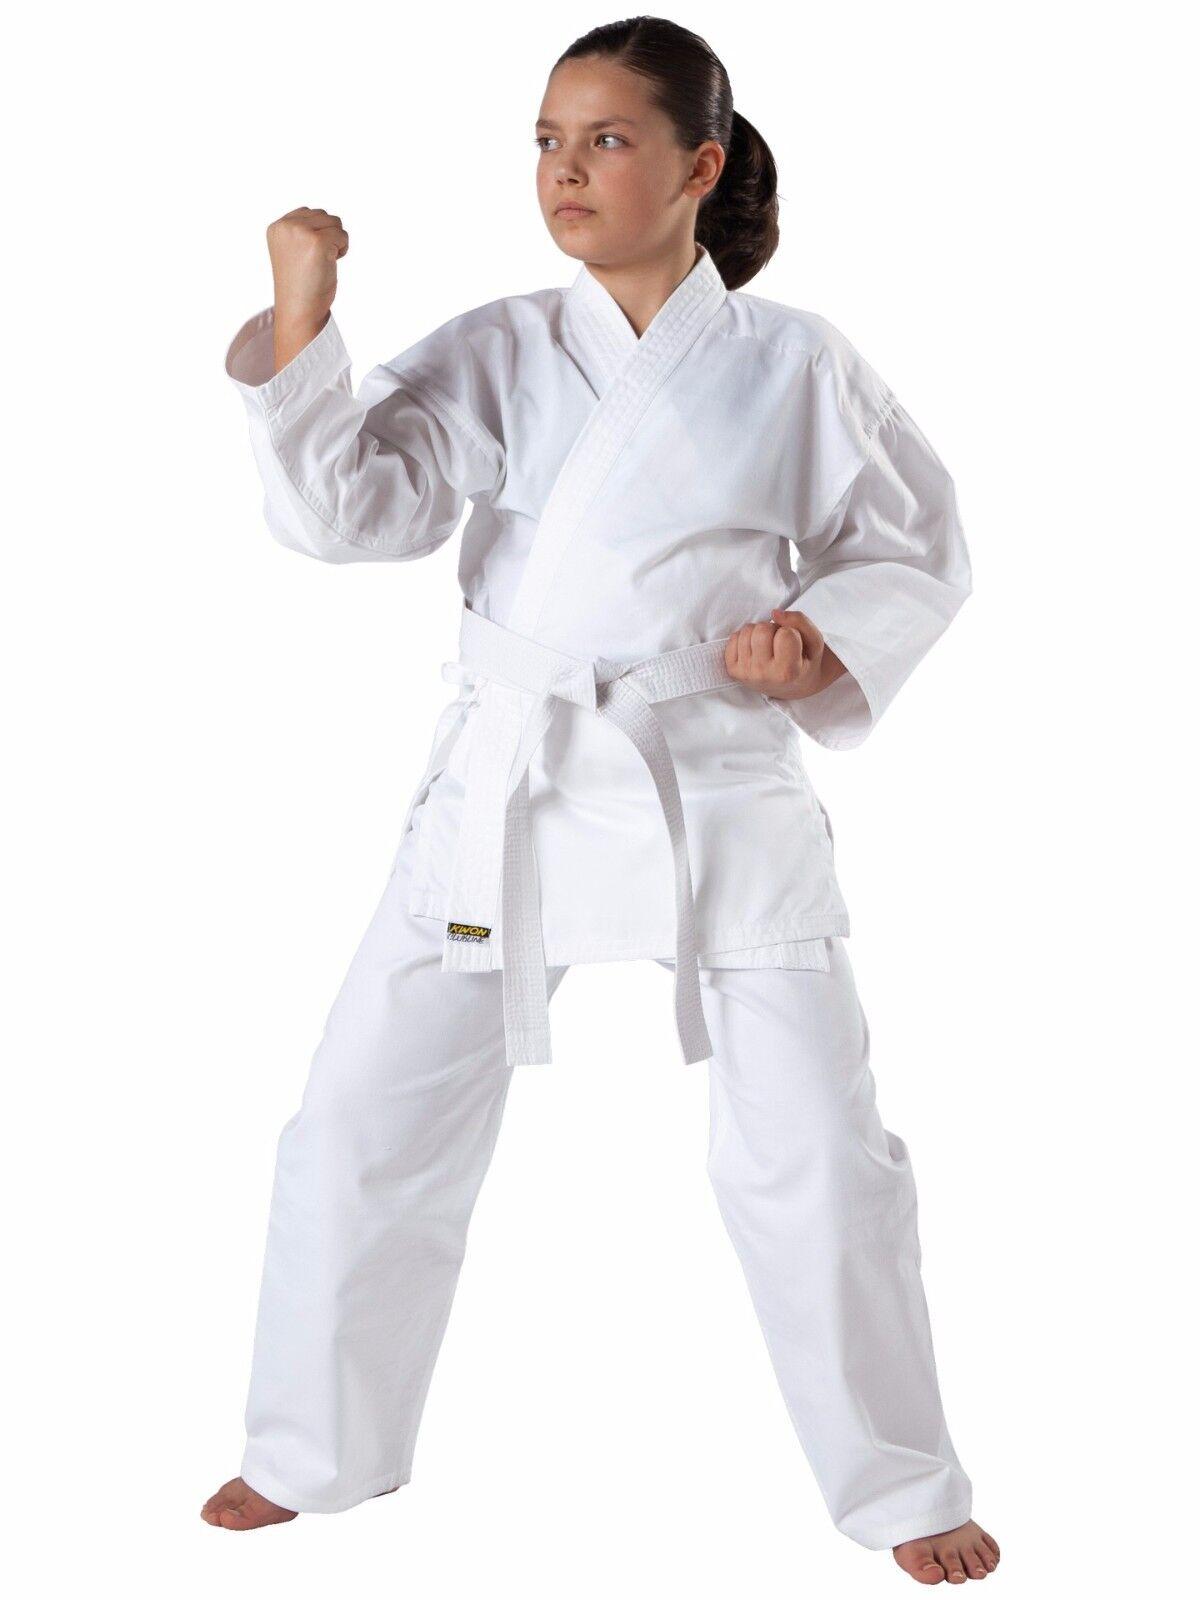 Karateanzug, Kwon®  Renshu 100-200, mit Gürtel, Perfekter Einsteigeranzug